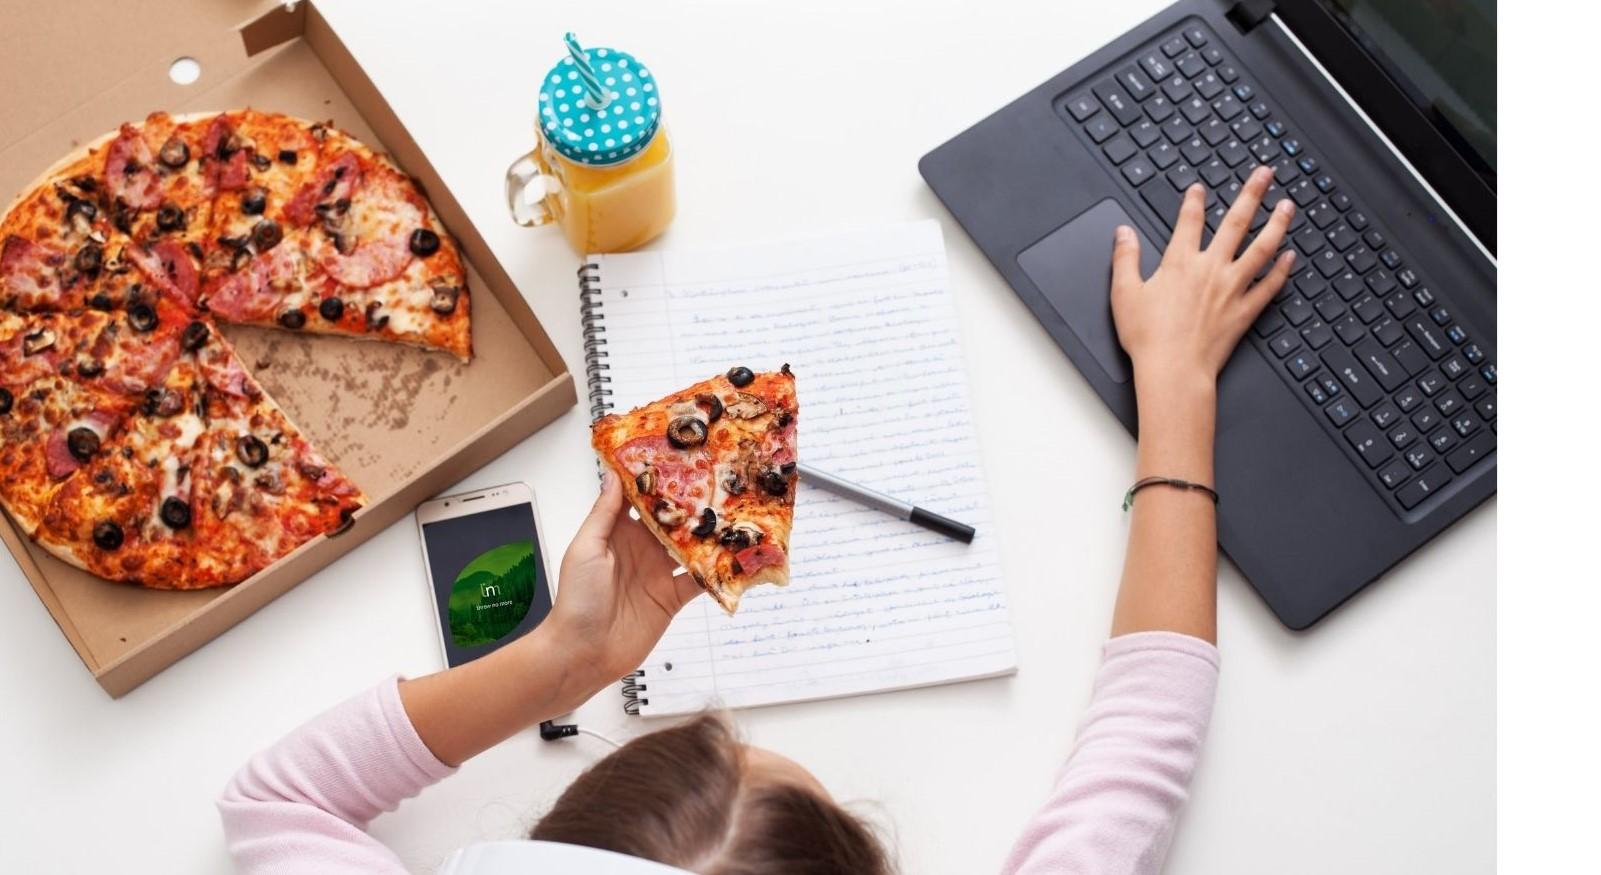 Hvordan kan studenter spare penger på mat